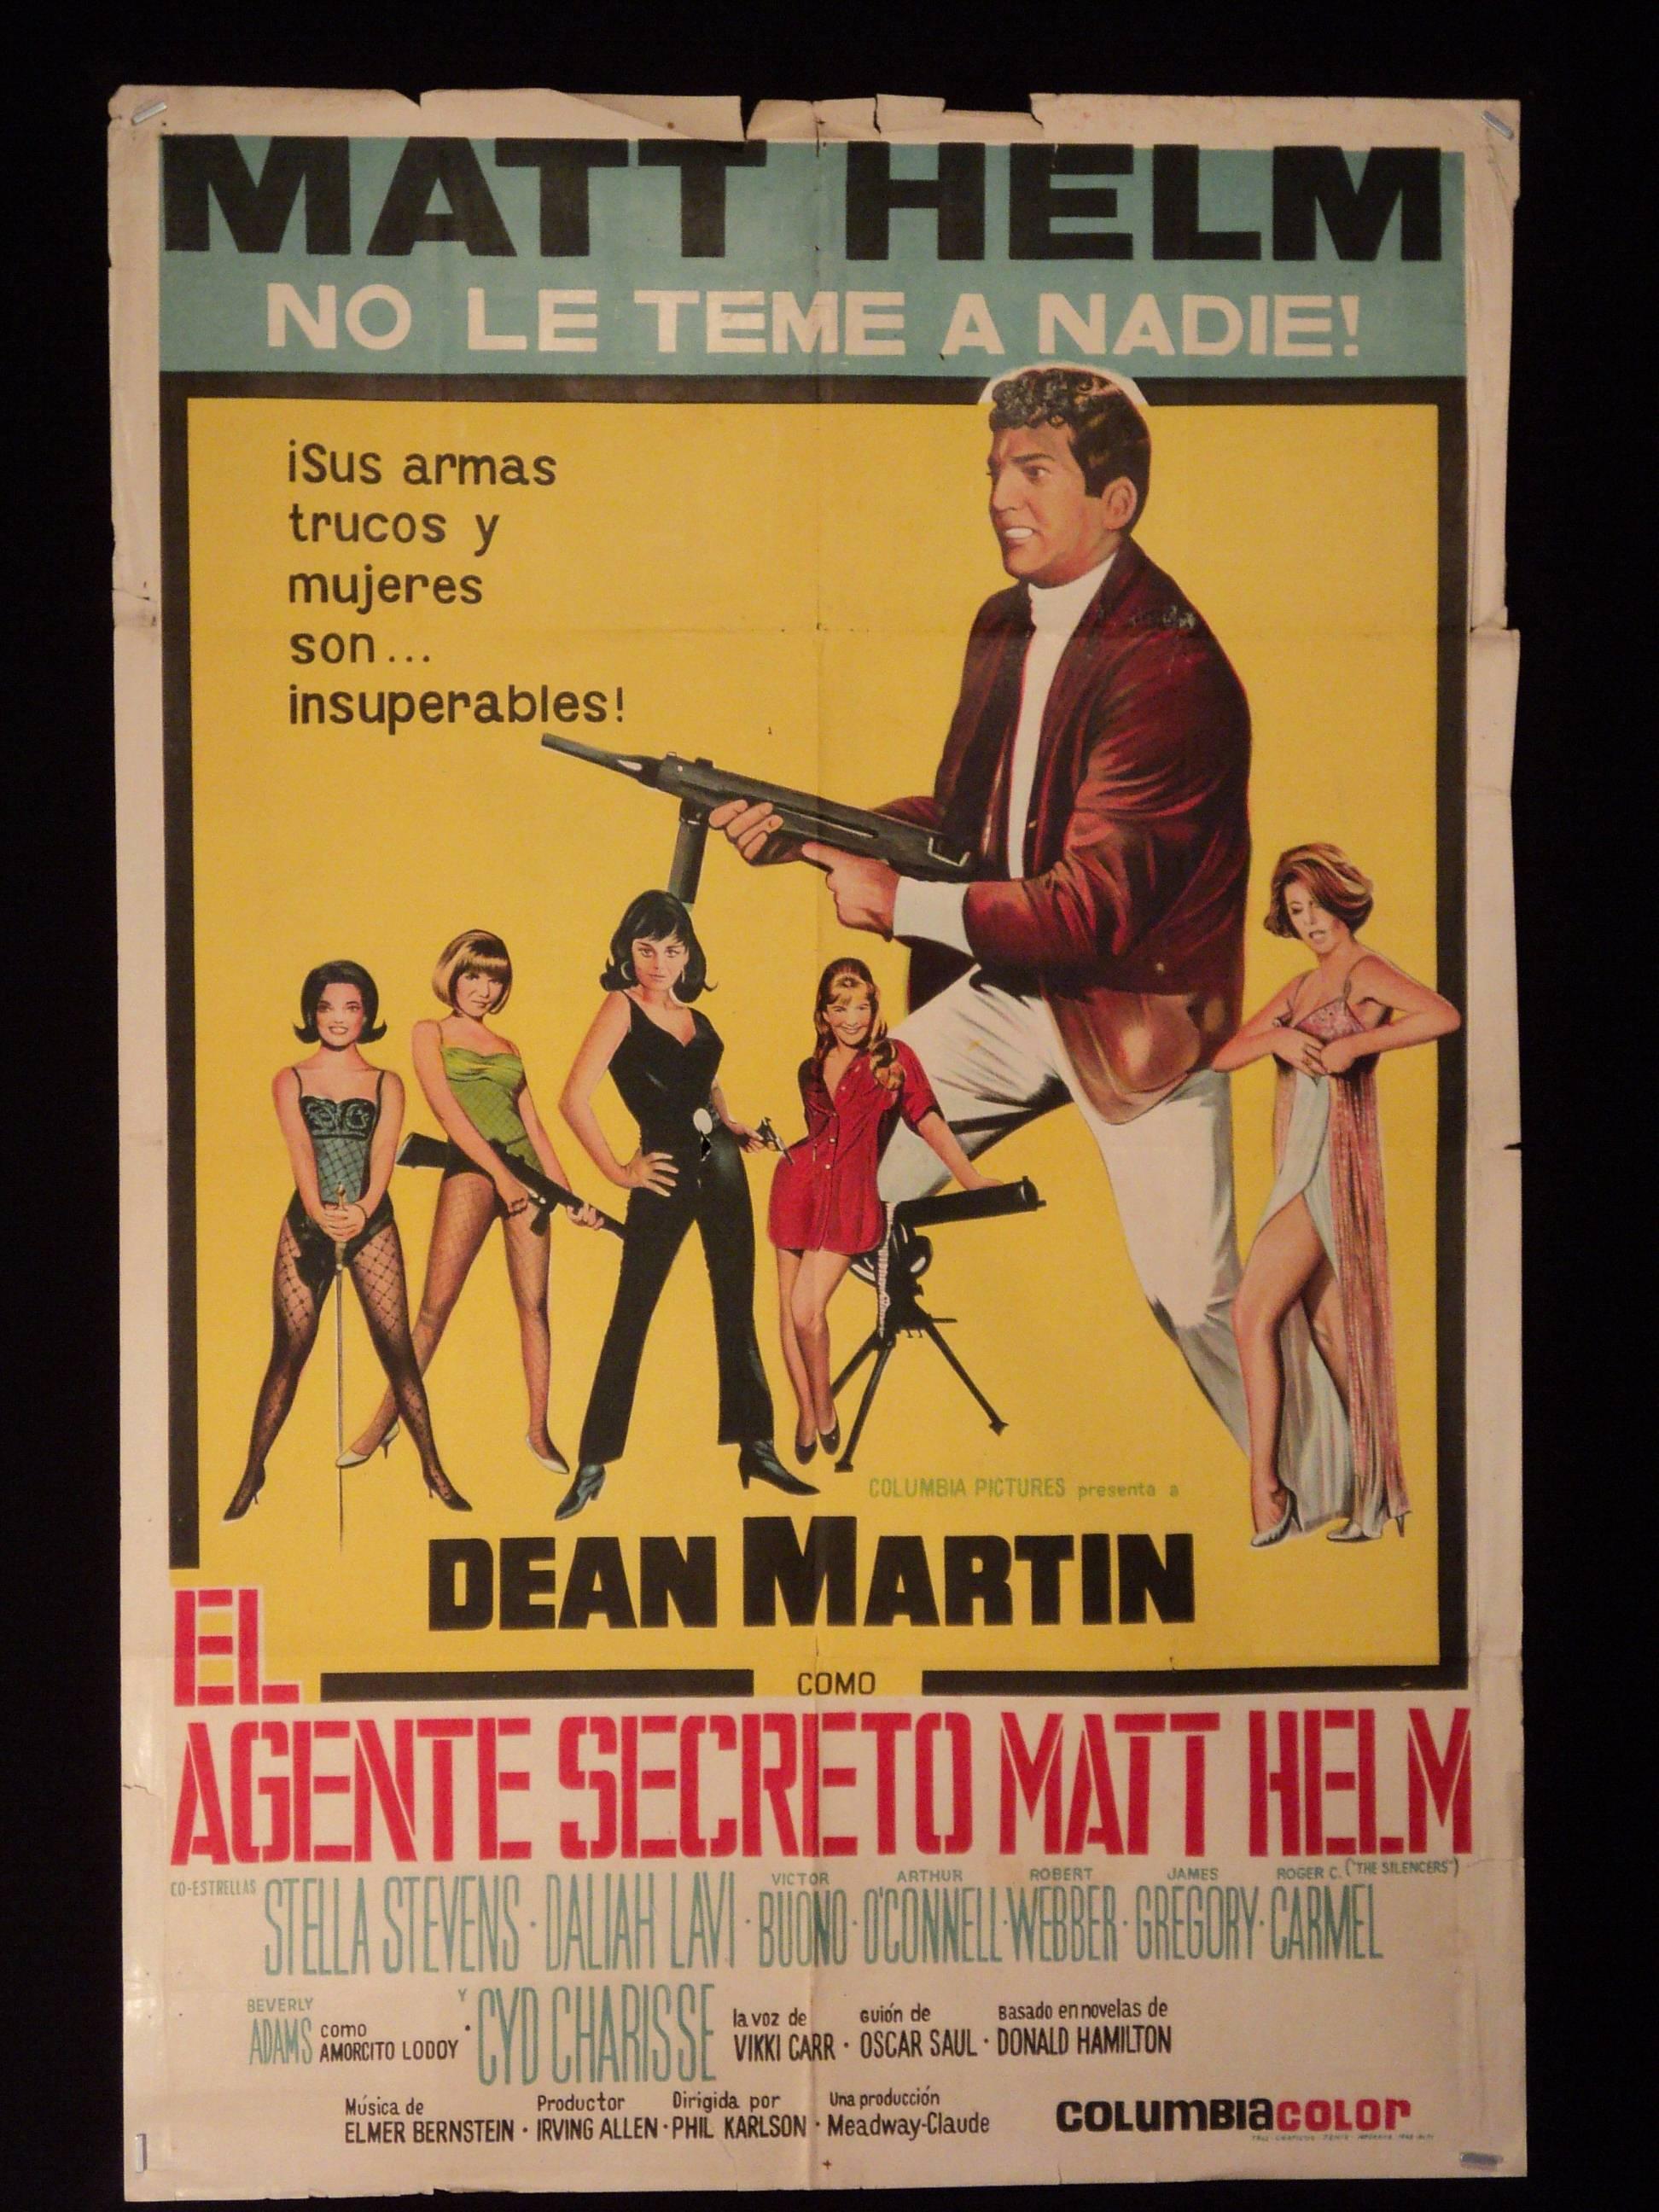 Dean Martin as Matt Helm